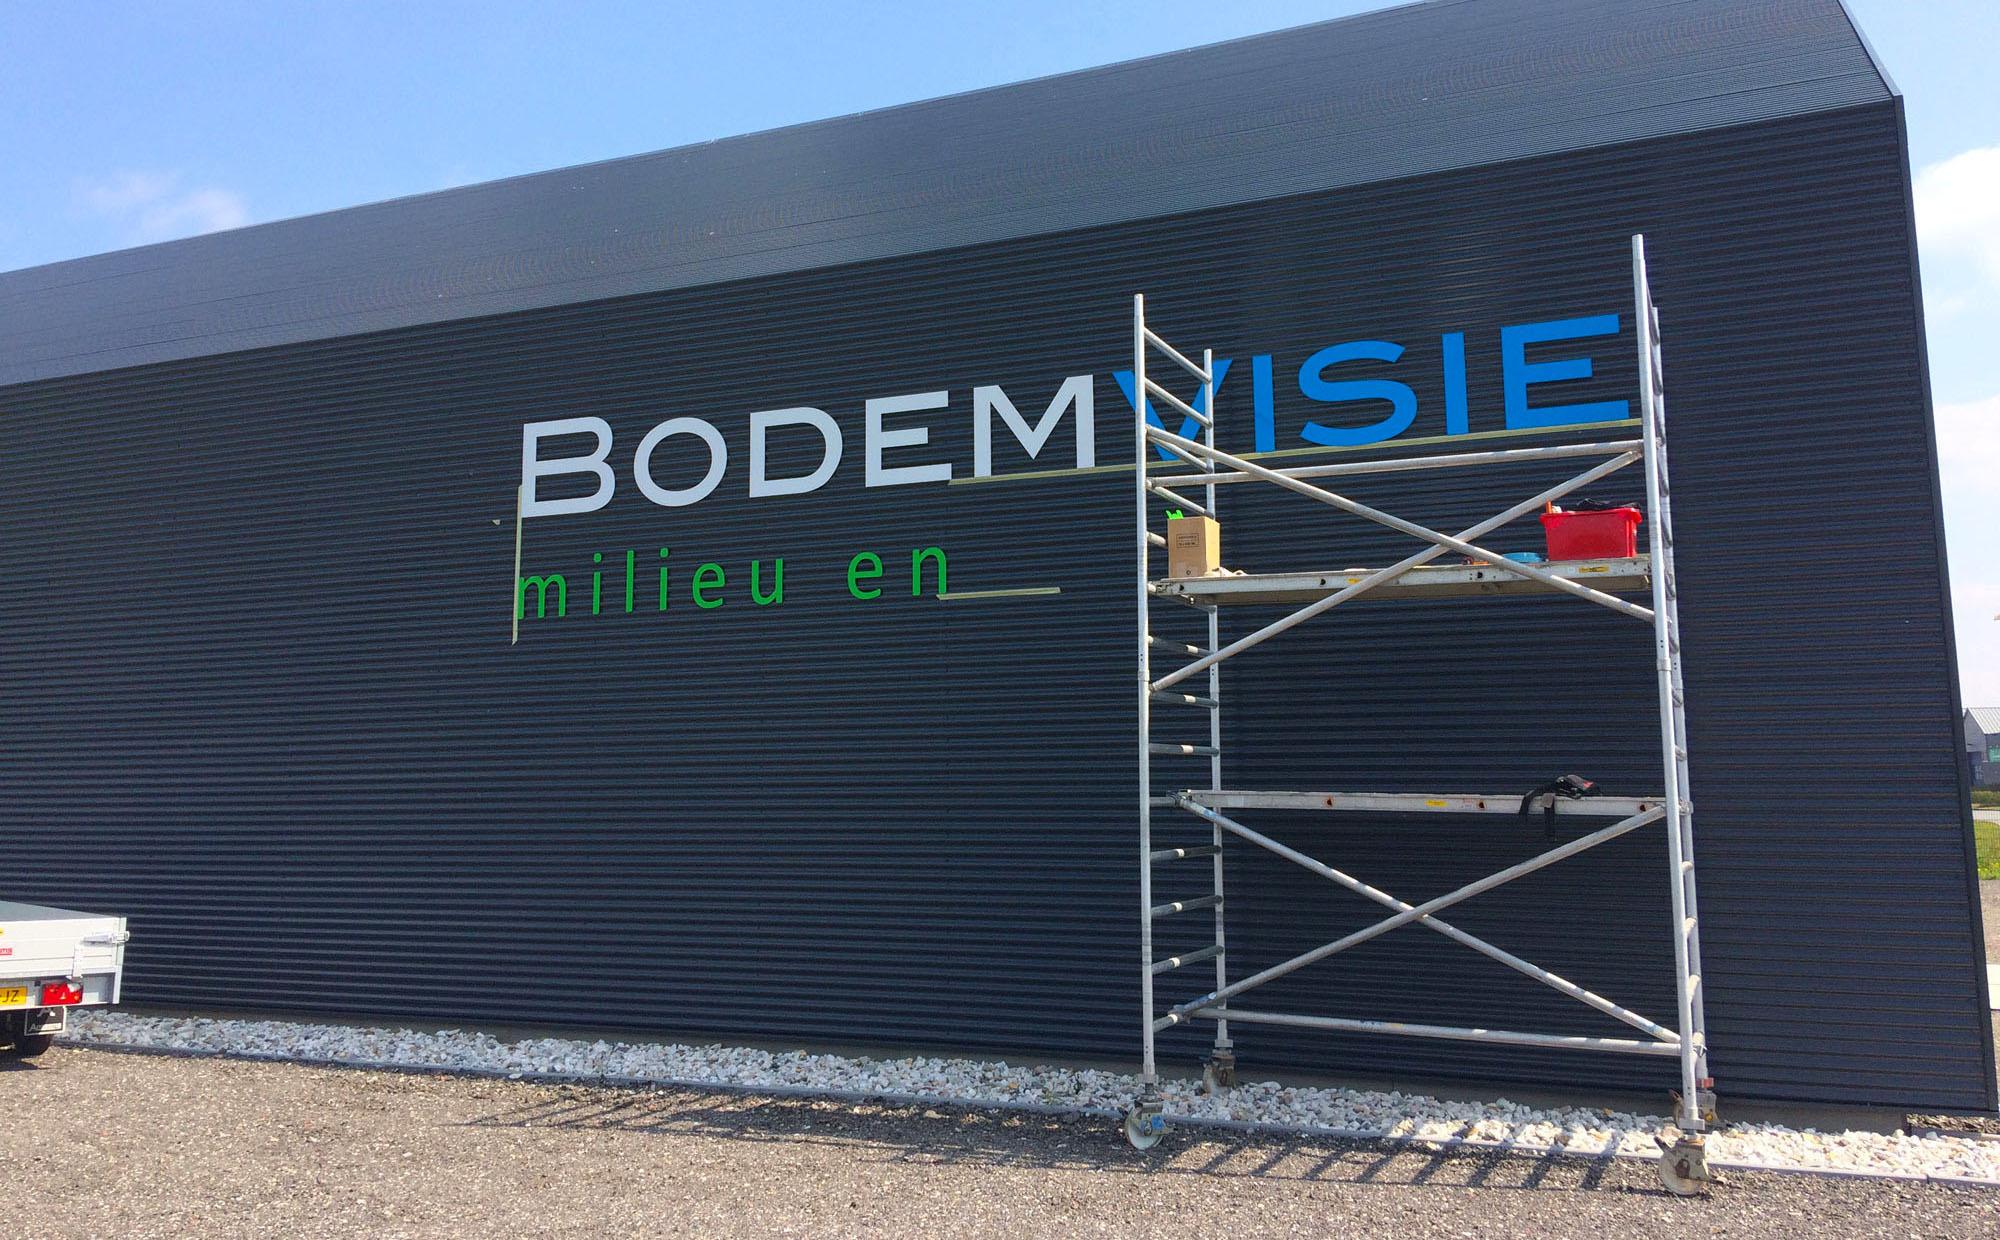 Gevelreclame Bodemvisie Grou - Van der Meer Reklame Burgum